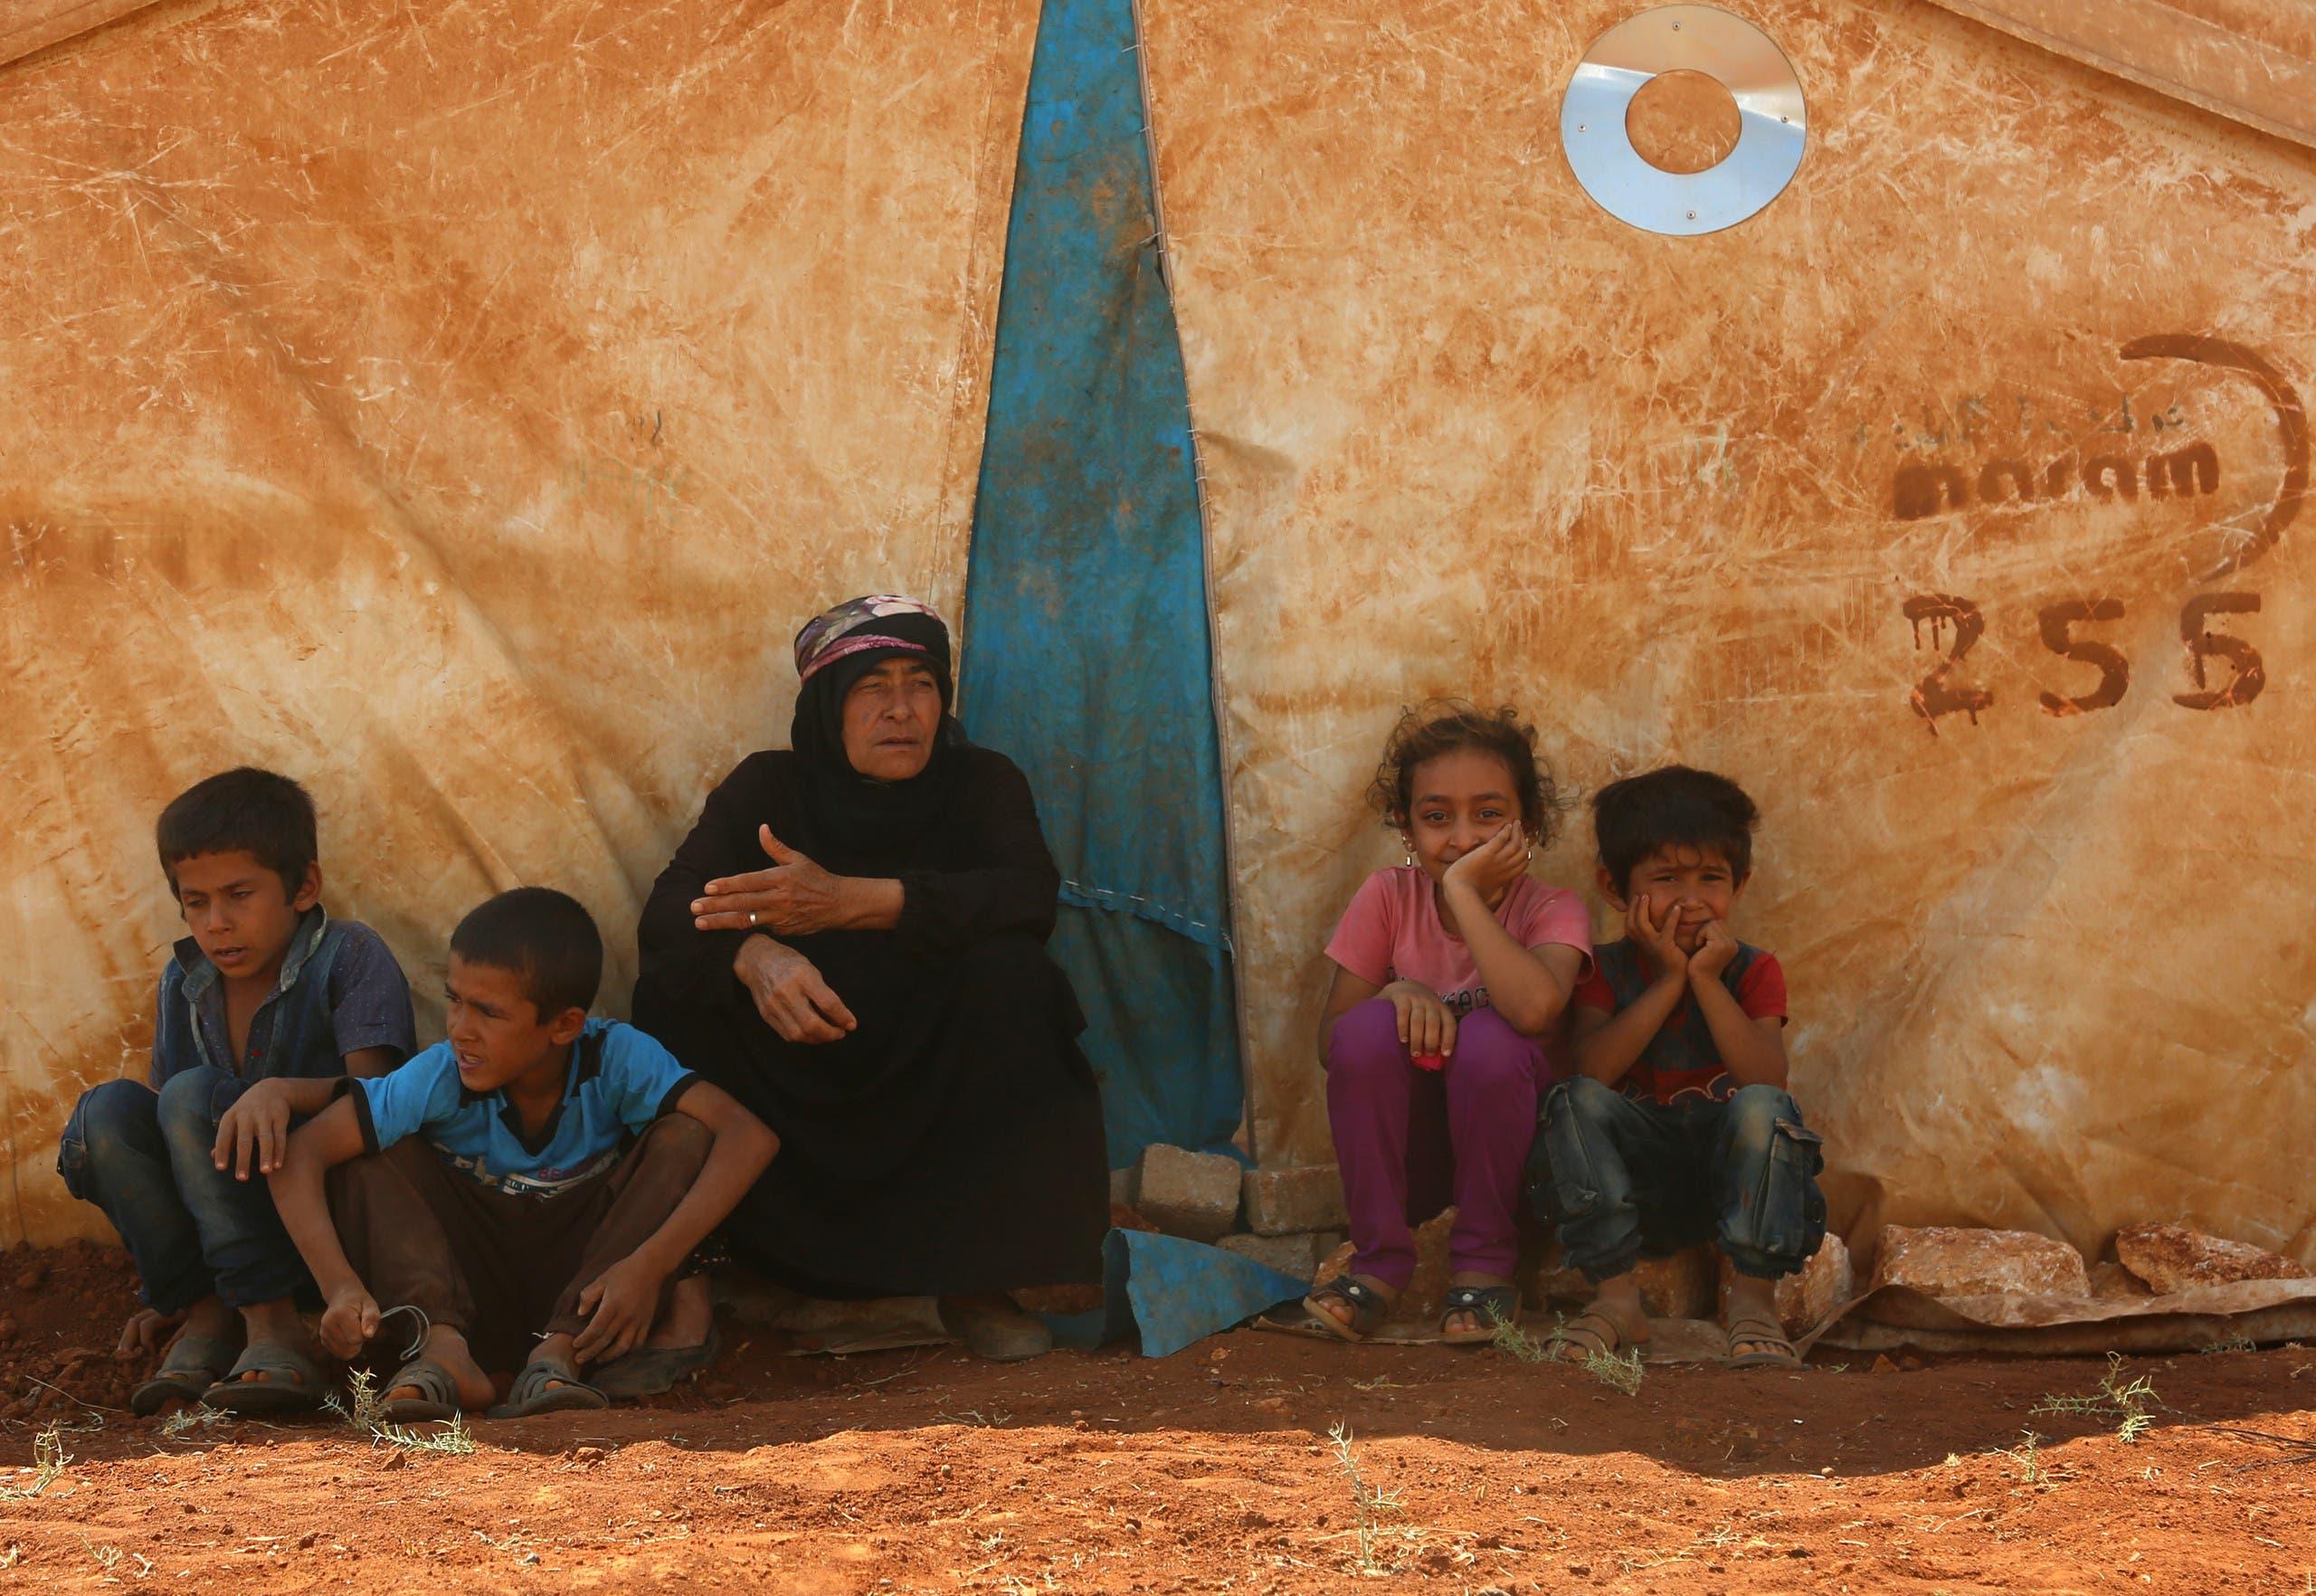 Fleeing Idlib (AFP)